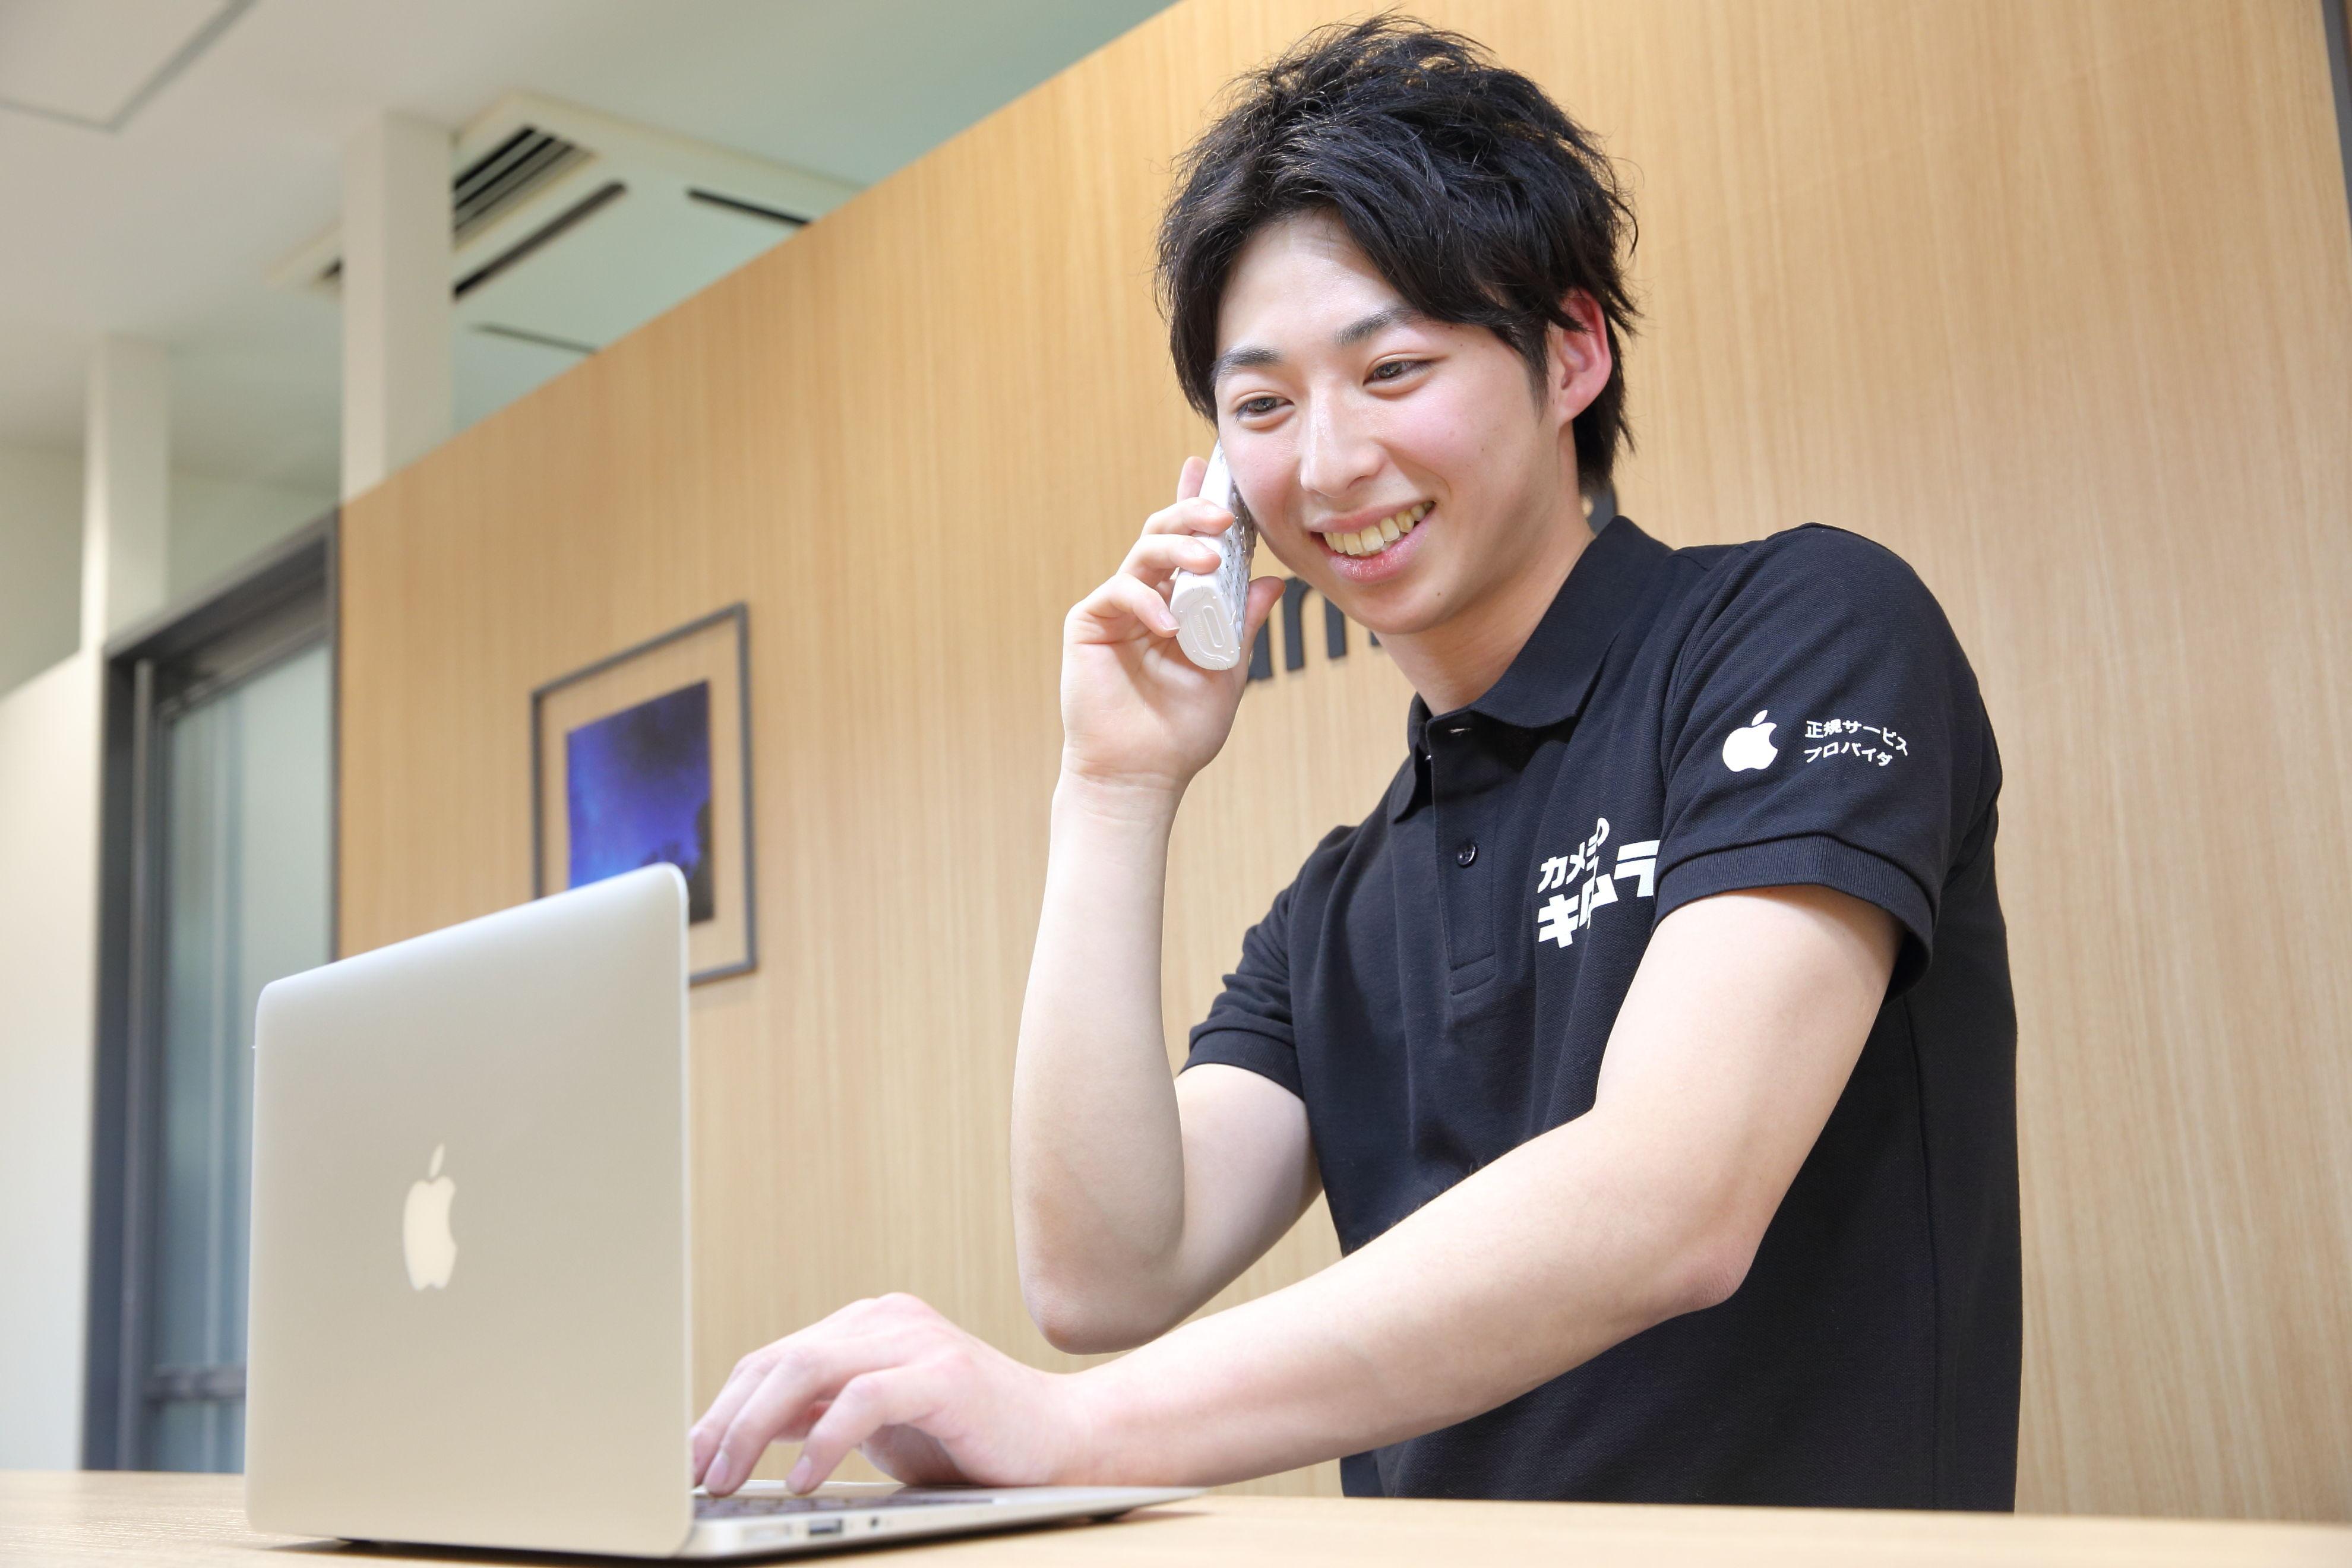 カメラのキタムラ アップル製品サービス 福山/ココローズ店 のアルバイト情報